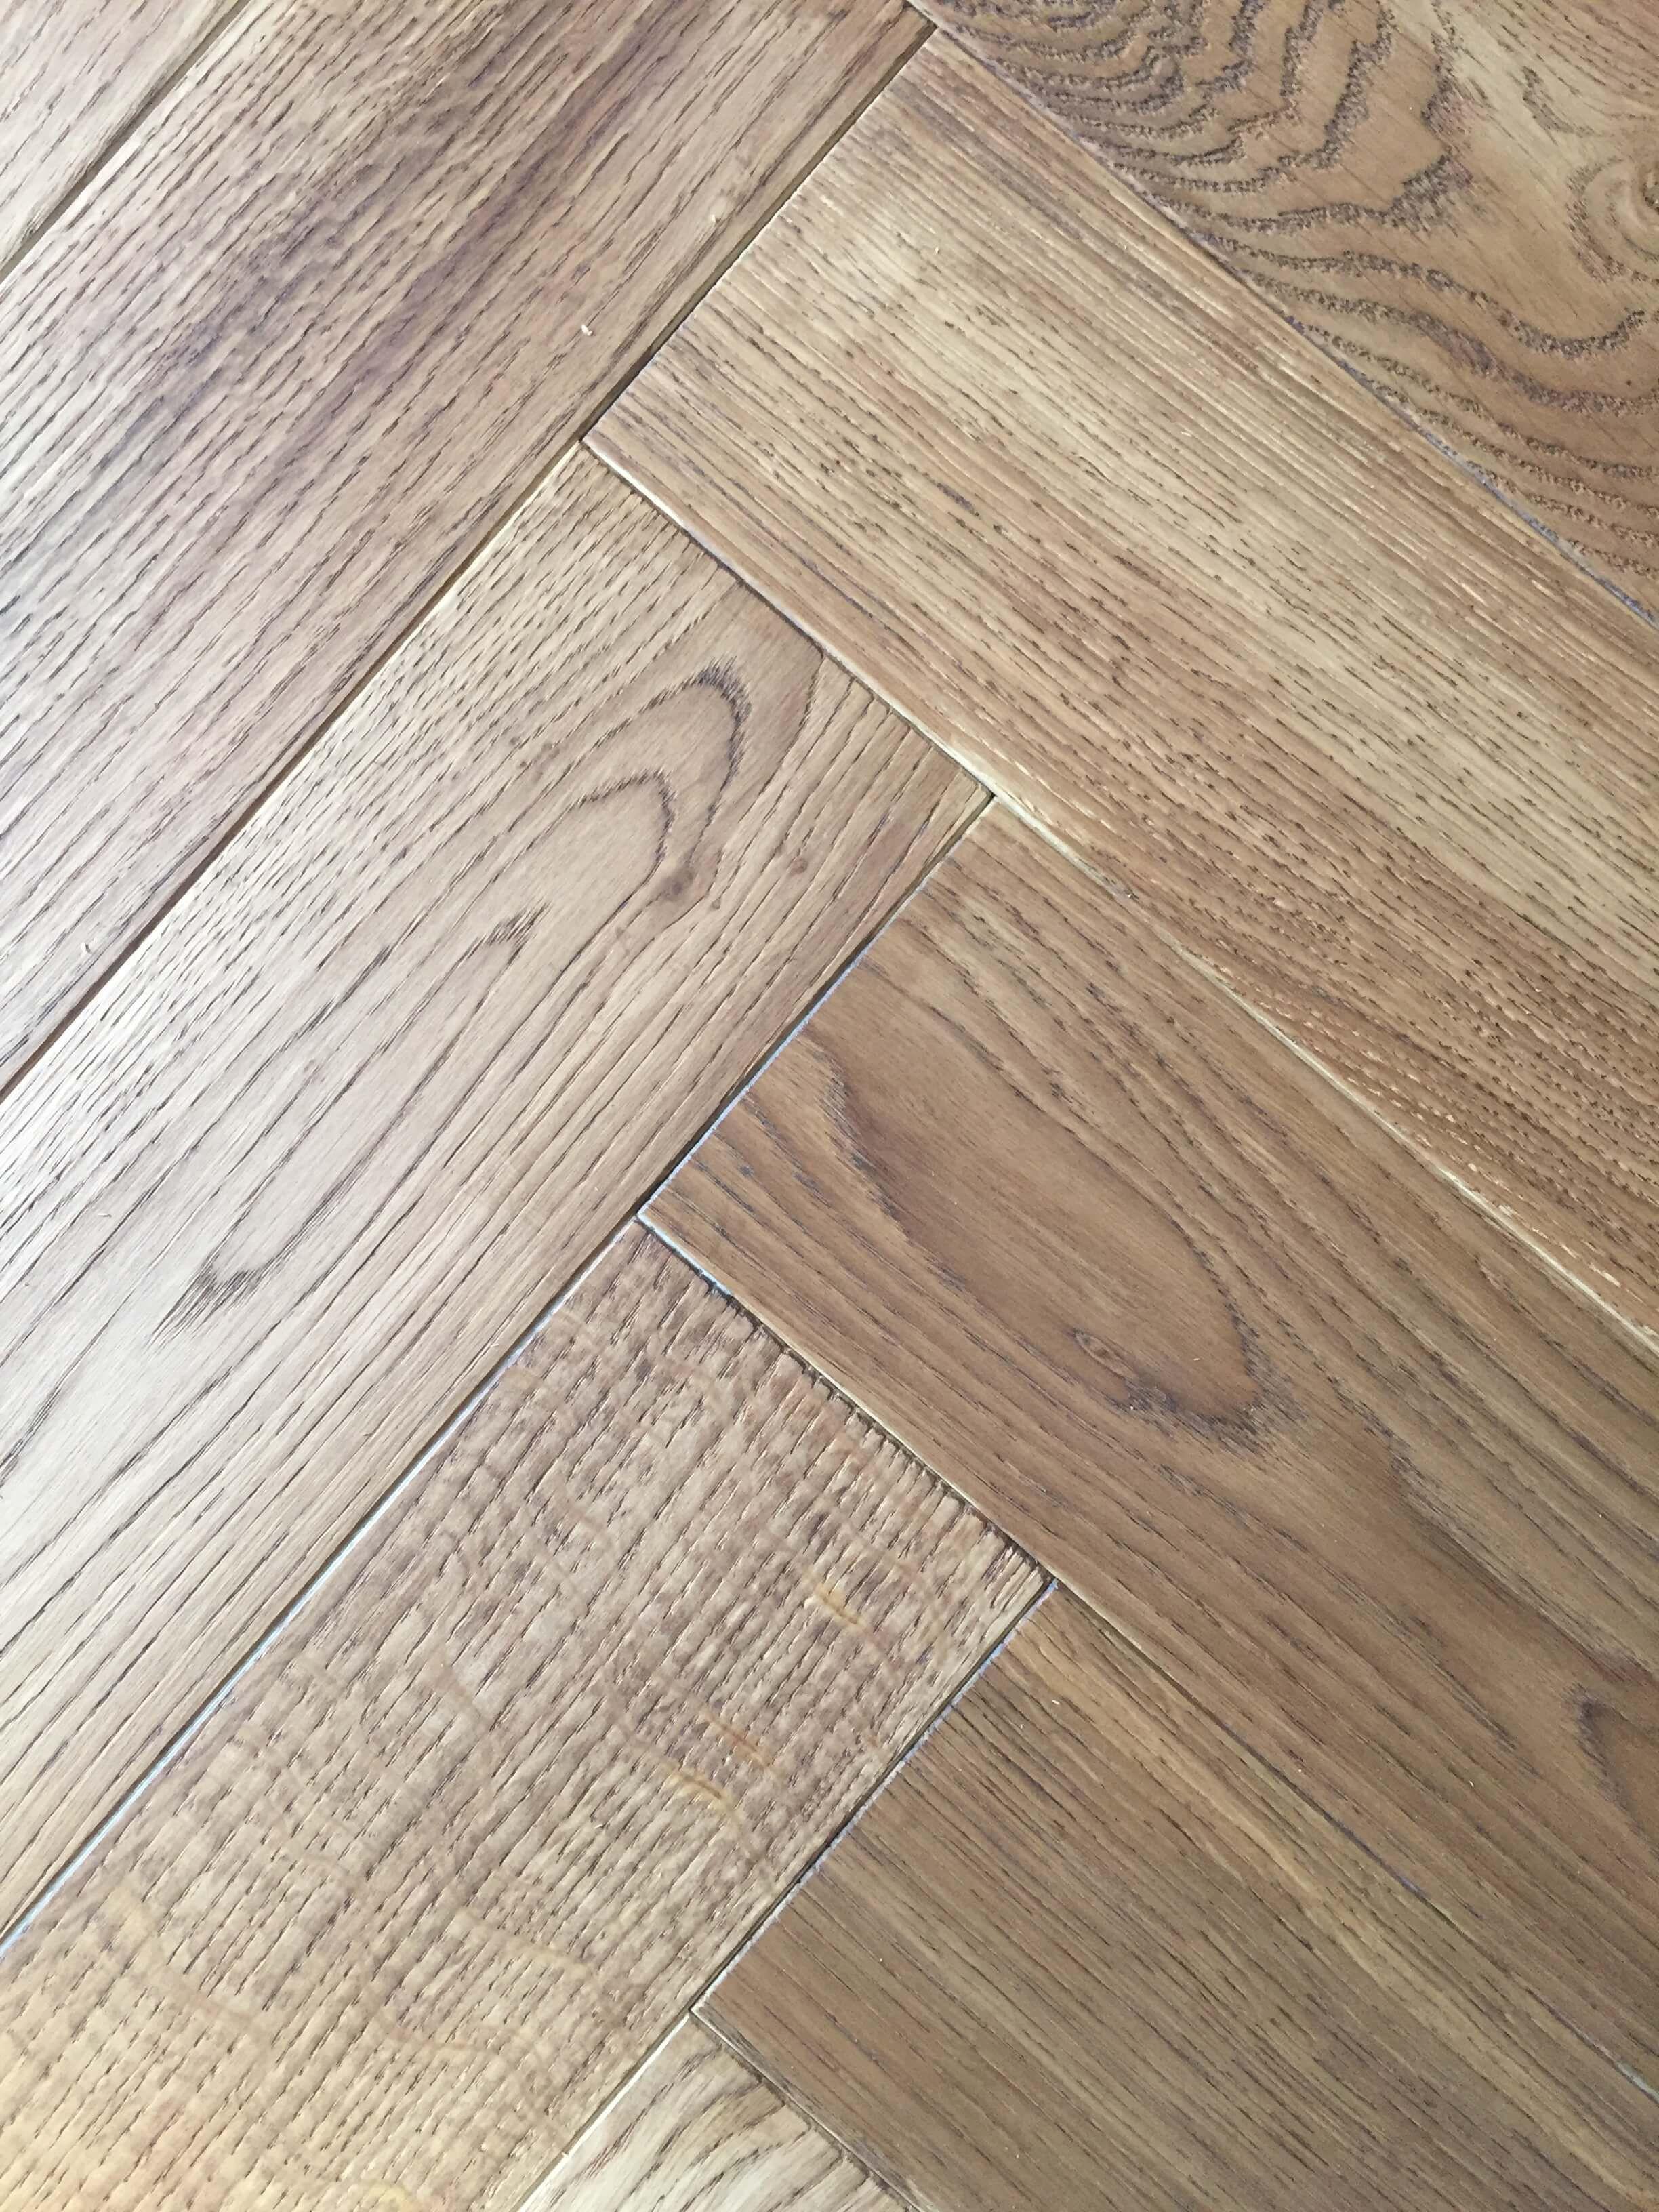 prefinished oak hardwood flooring of prefinished wood flooring floor plan ideas with prefinished wood flooring new decorating an open floor plan living room awesome design plan 0d